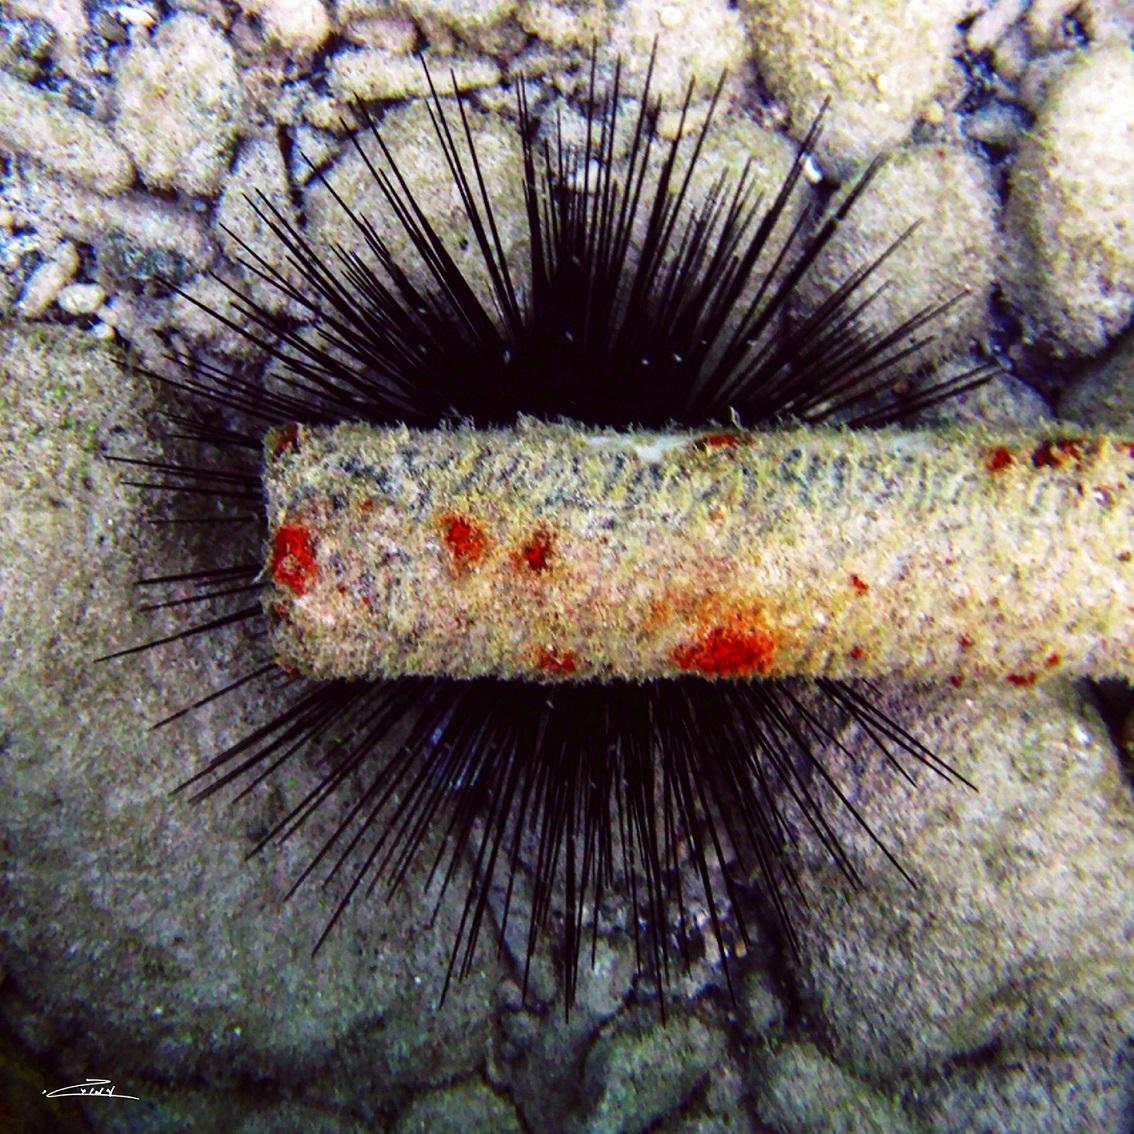 L'Angolo di Marta Lock (IE): E la natura si trasforma in arte nelle immagini fotografiche subacquee